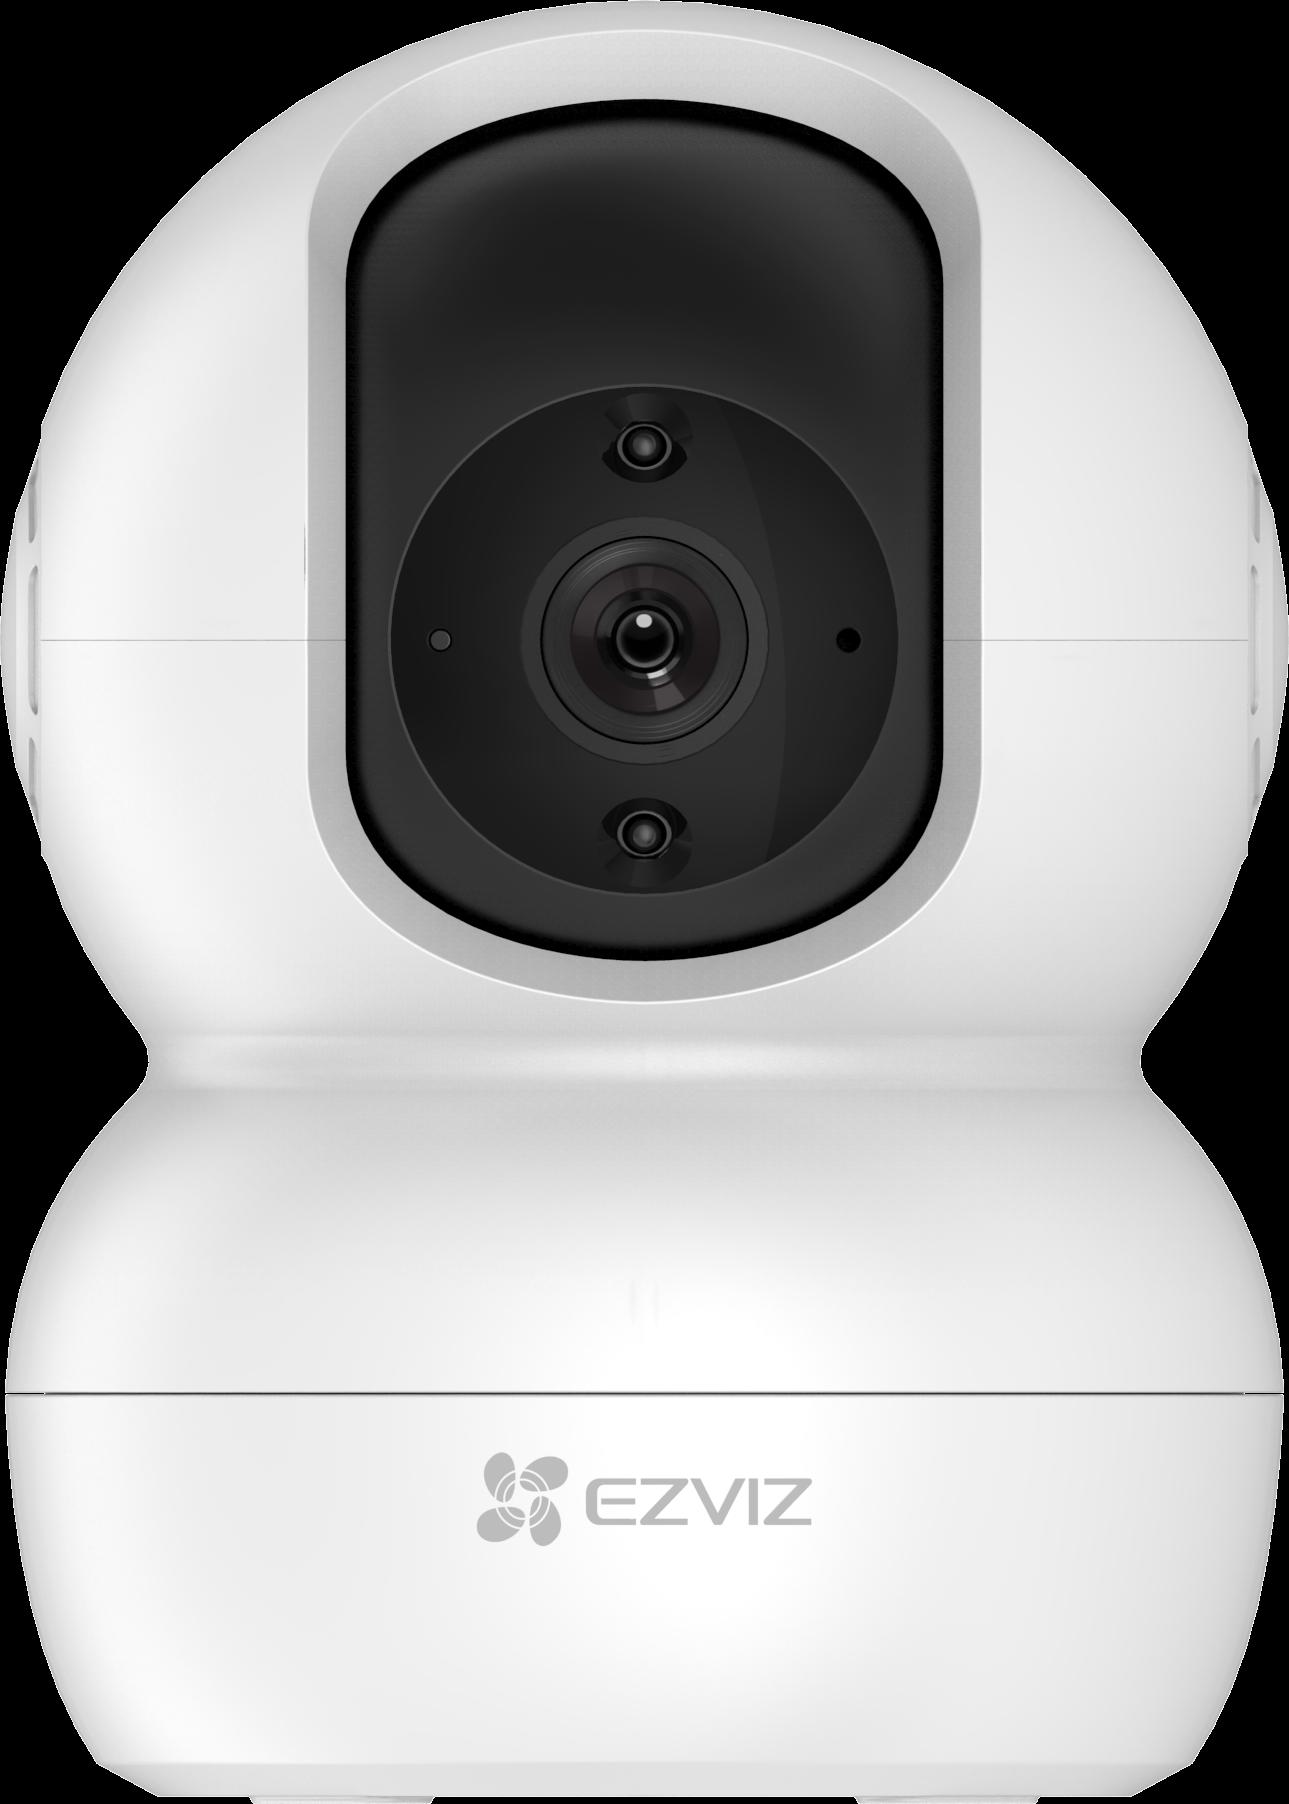 Inteligentna kamera WiFi 360° z obrotowym obiektywem